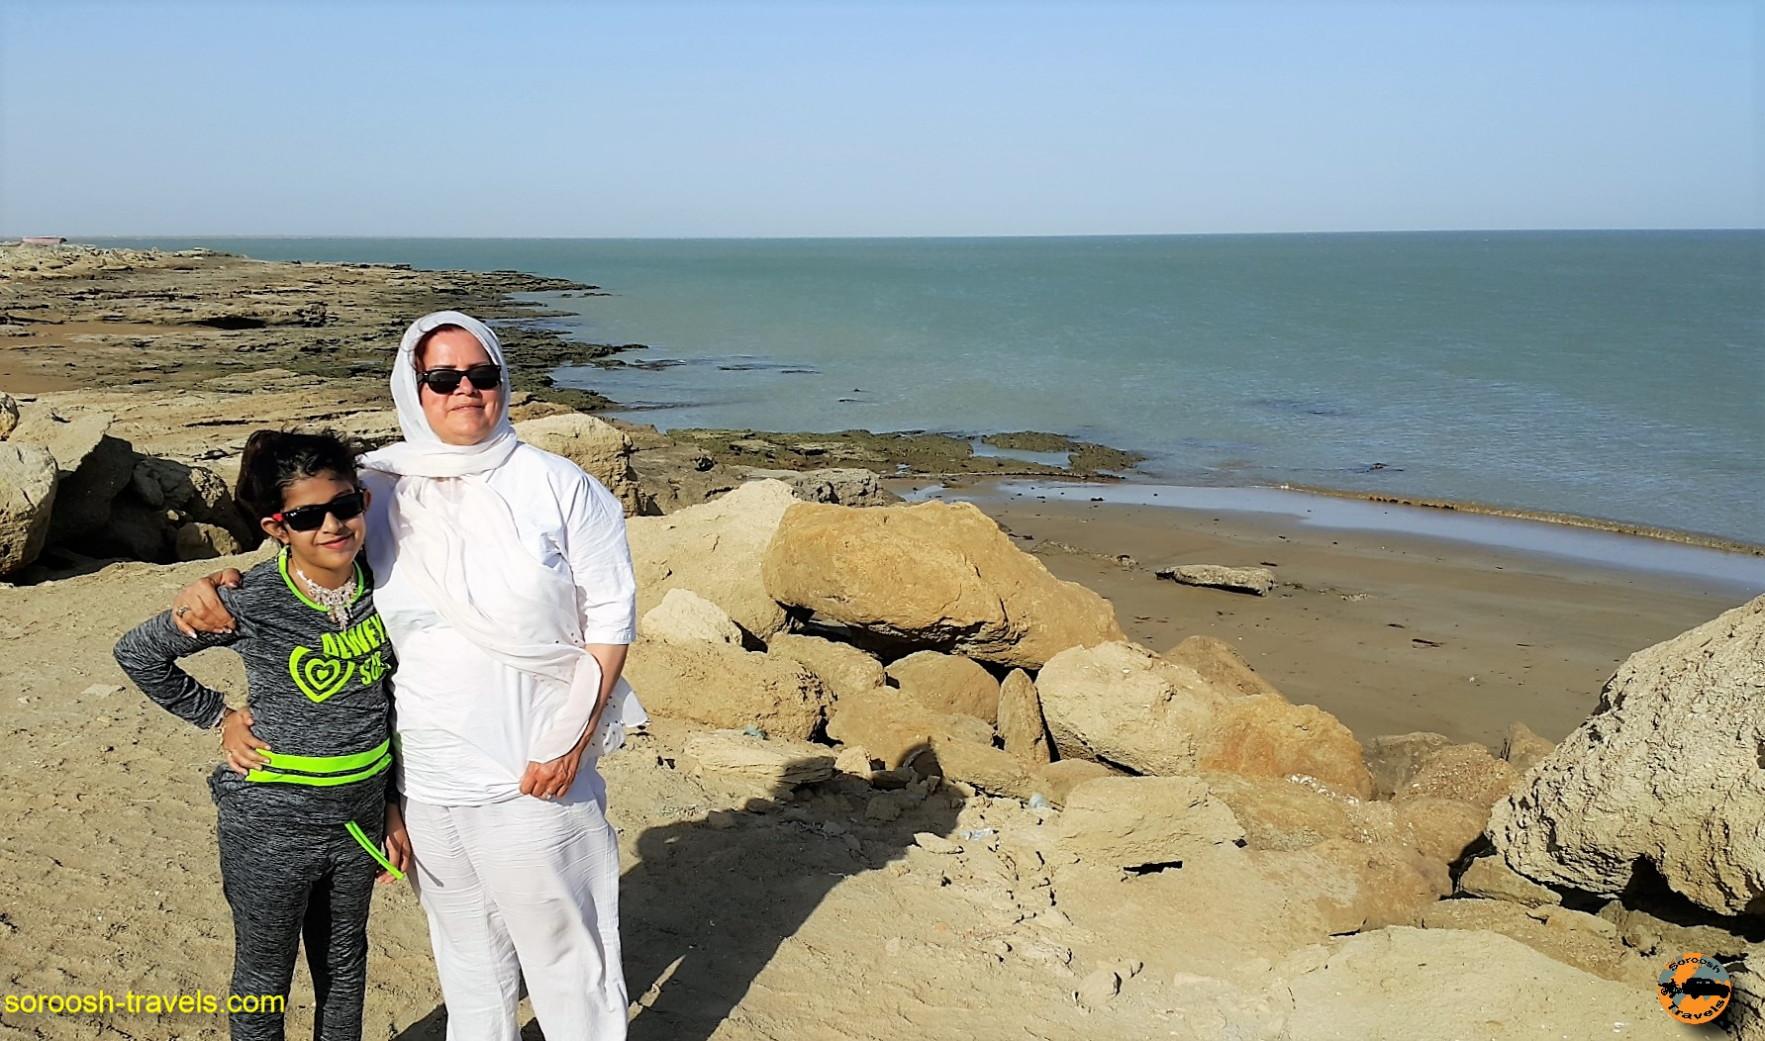 بندر گواتر ، دورترین نقطه جنوب شرقی ایران - نوروز ۱۳۹۶